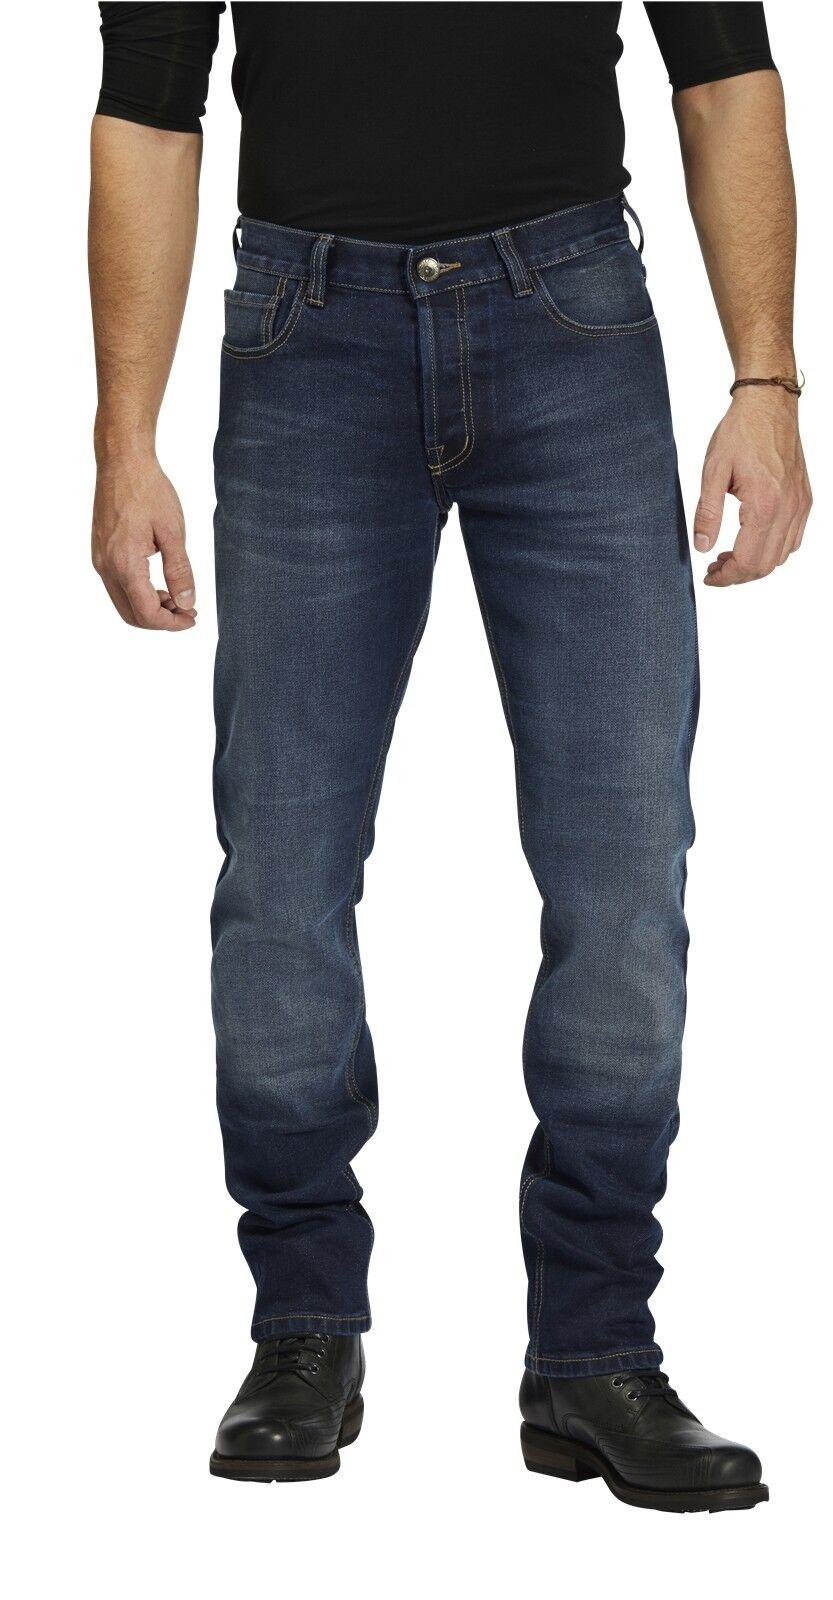 Rokker rokkertech slim lunghezza 34 34 34 Uomo Jeans Moto Pantaloni Moto alla moda f5e4f7